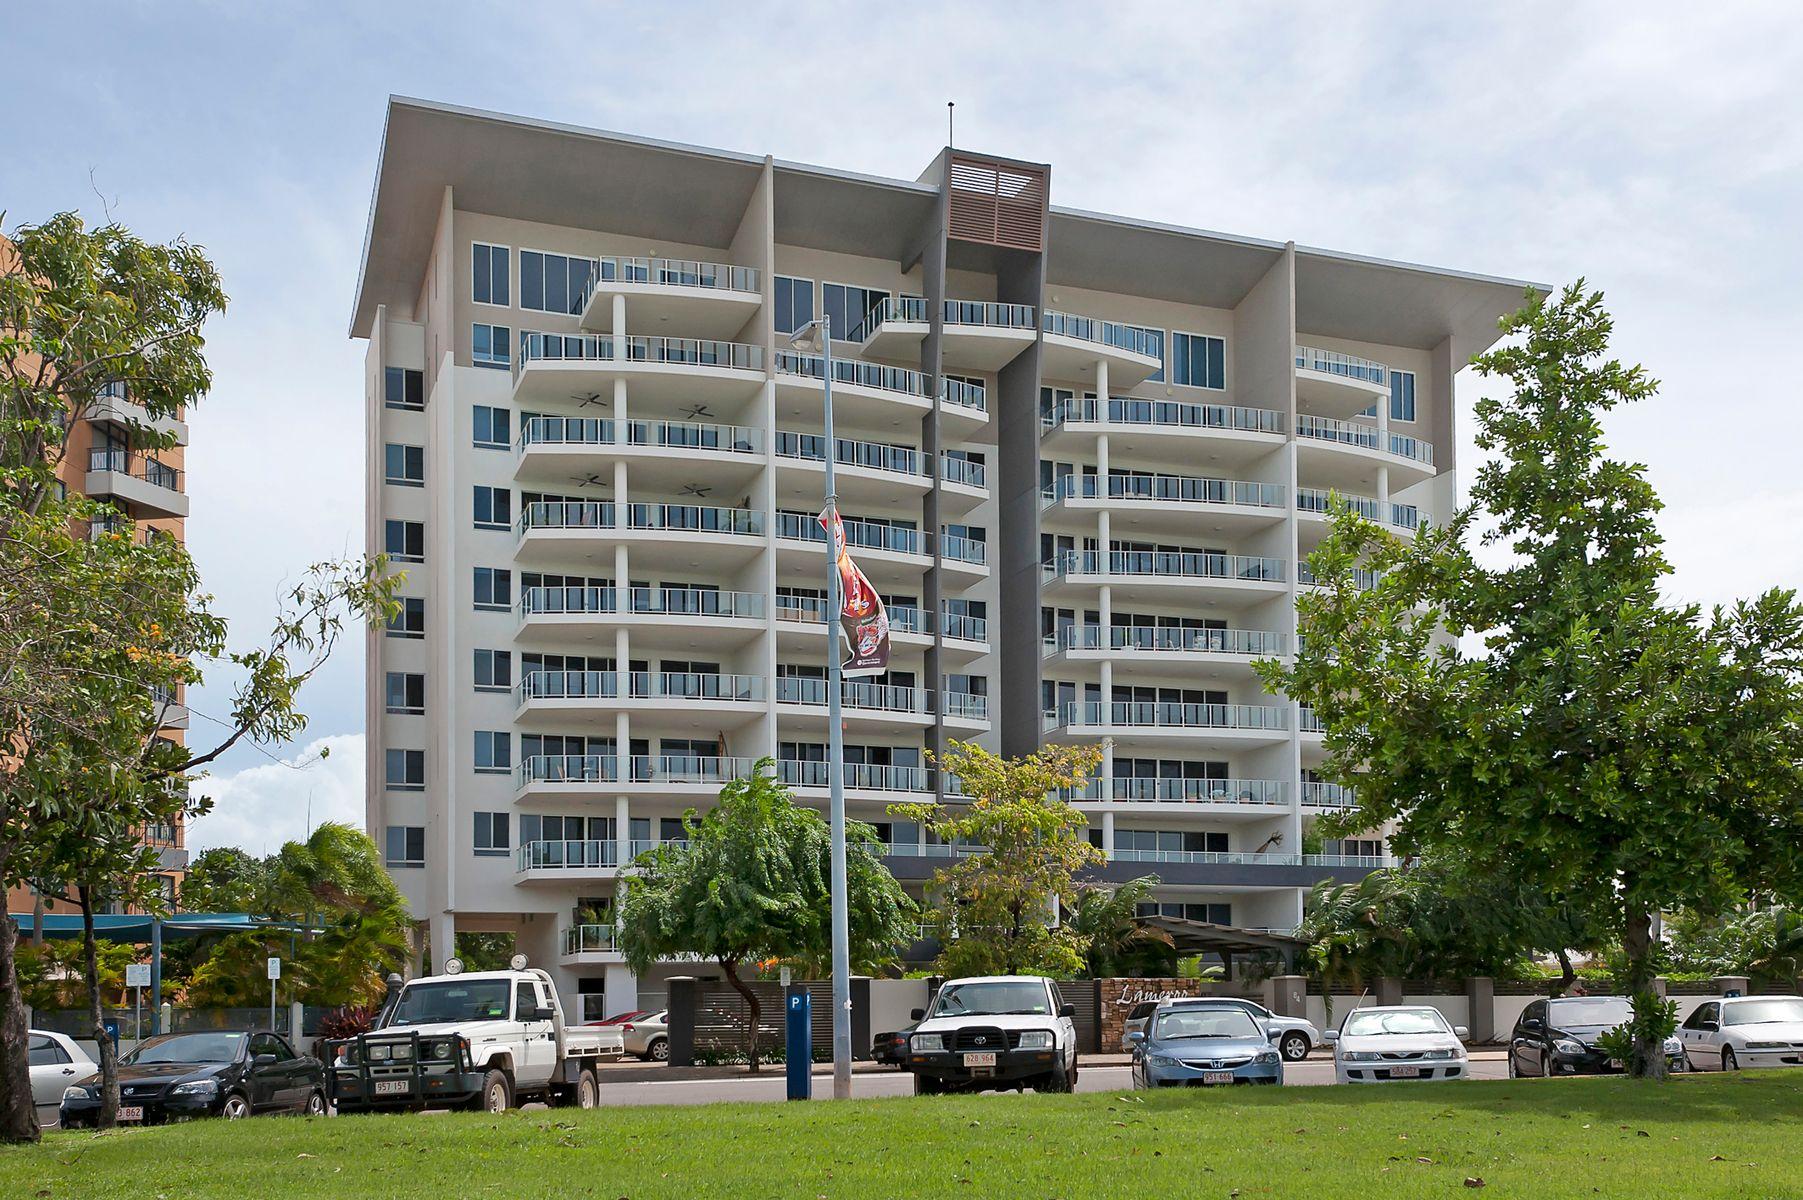 6/84 Esplanade, Darwin City, NT 0800